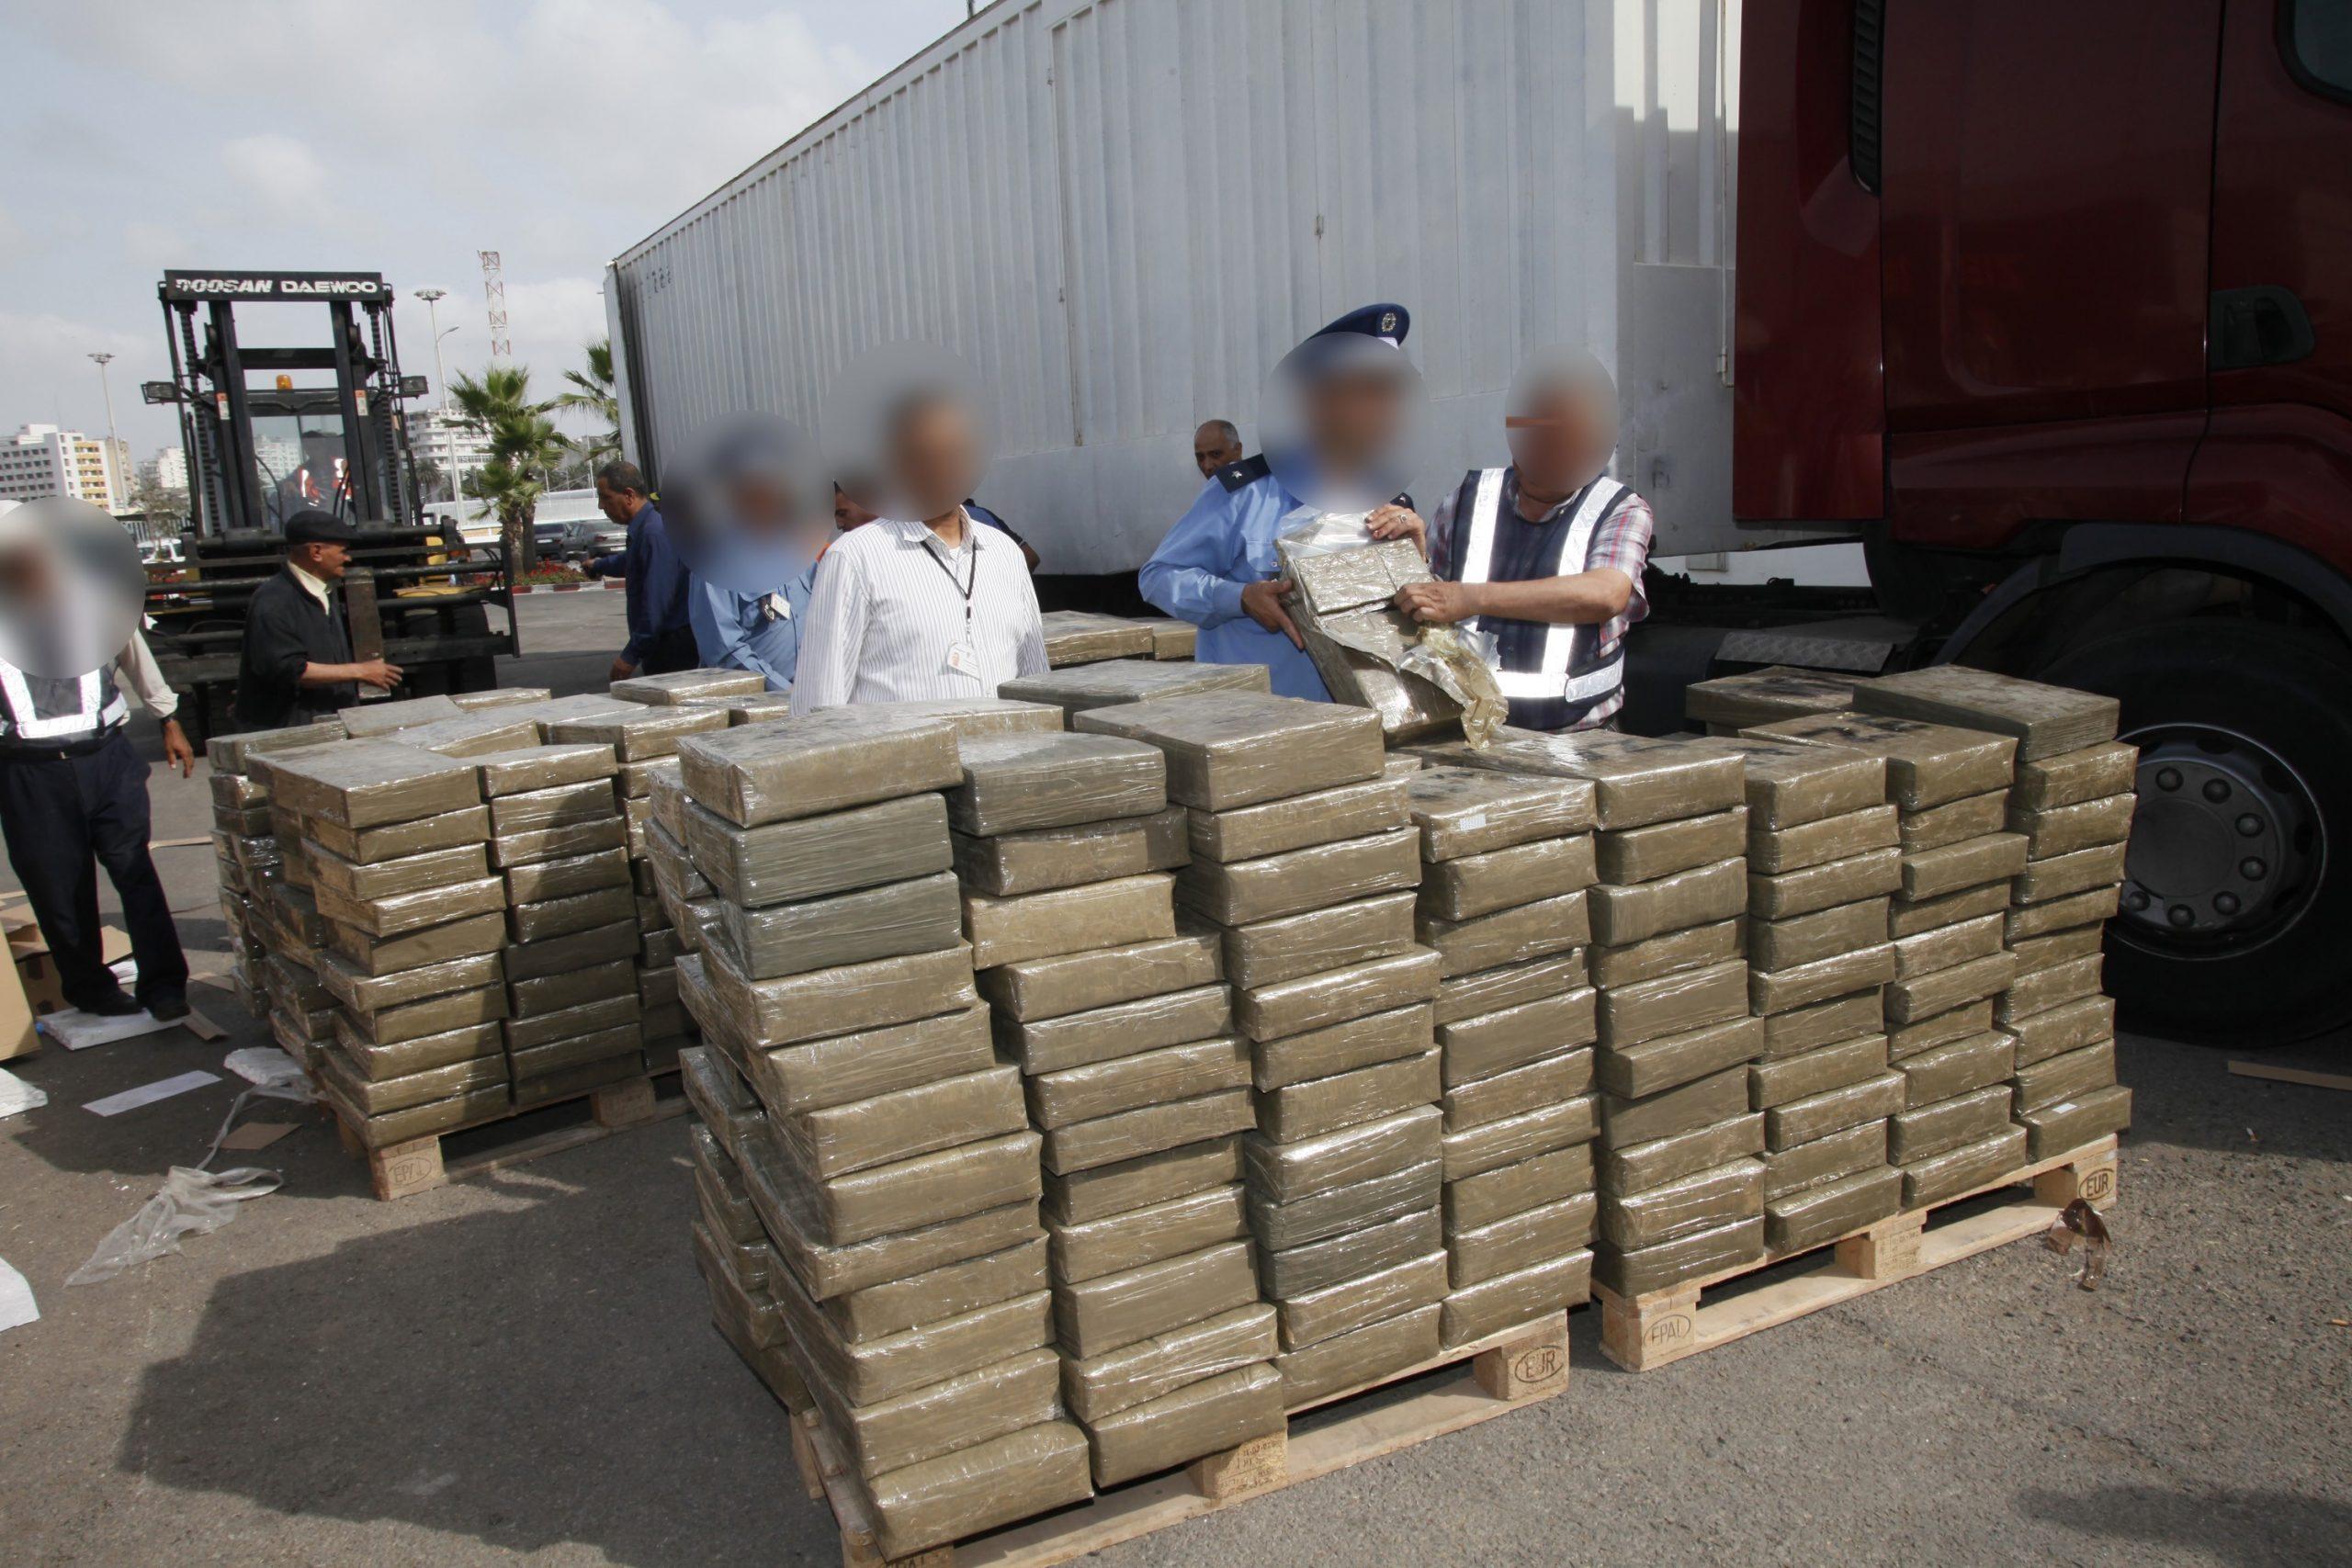 أكادير:المخدرات تطيح بسائق شاحنة للنقل الطرقي